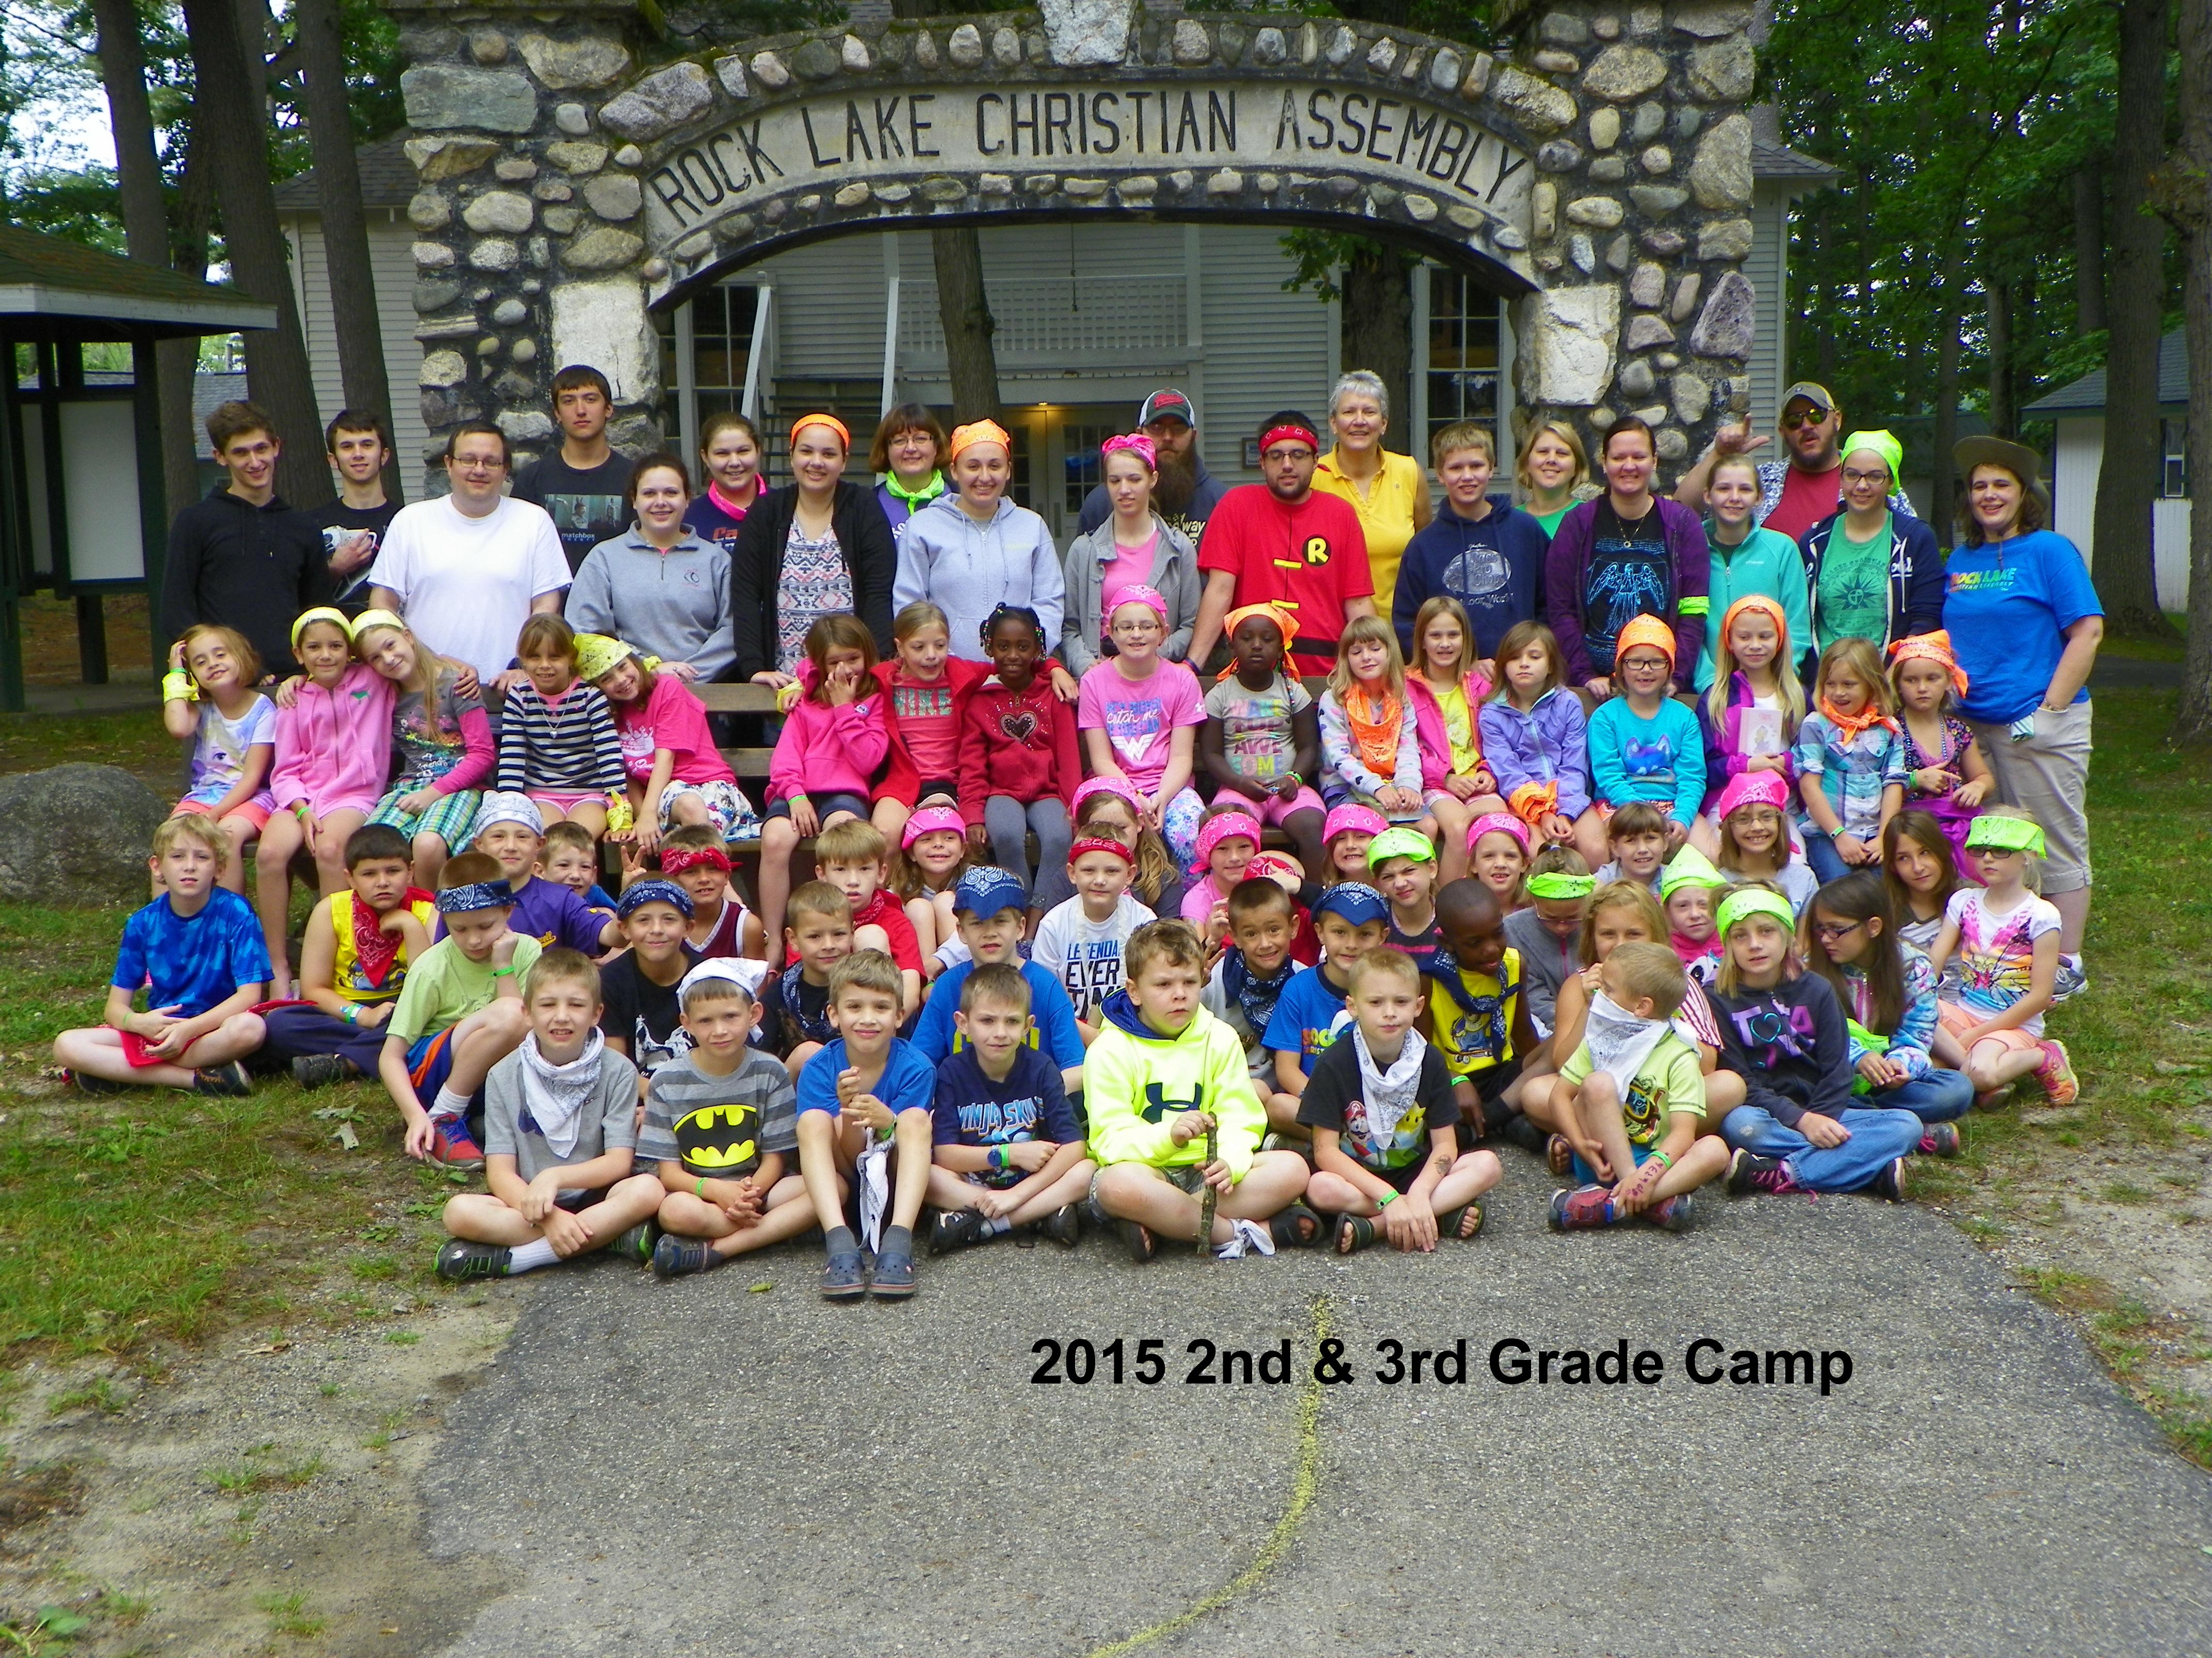 2nd & 3rd Grade Camp